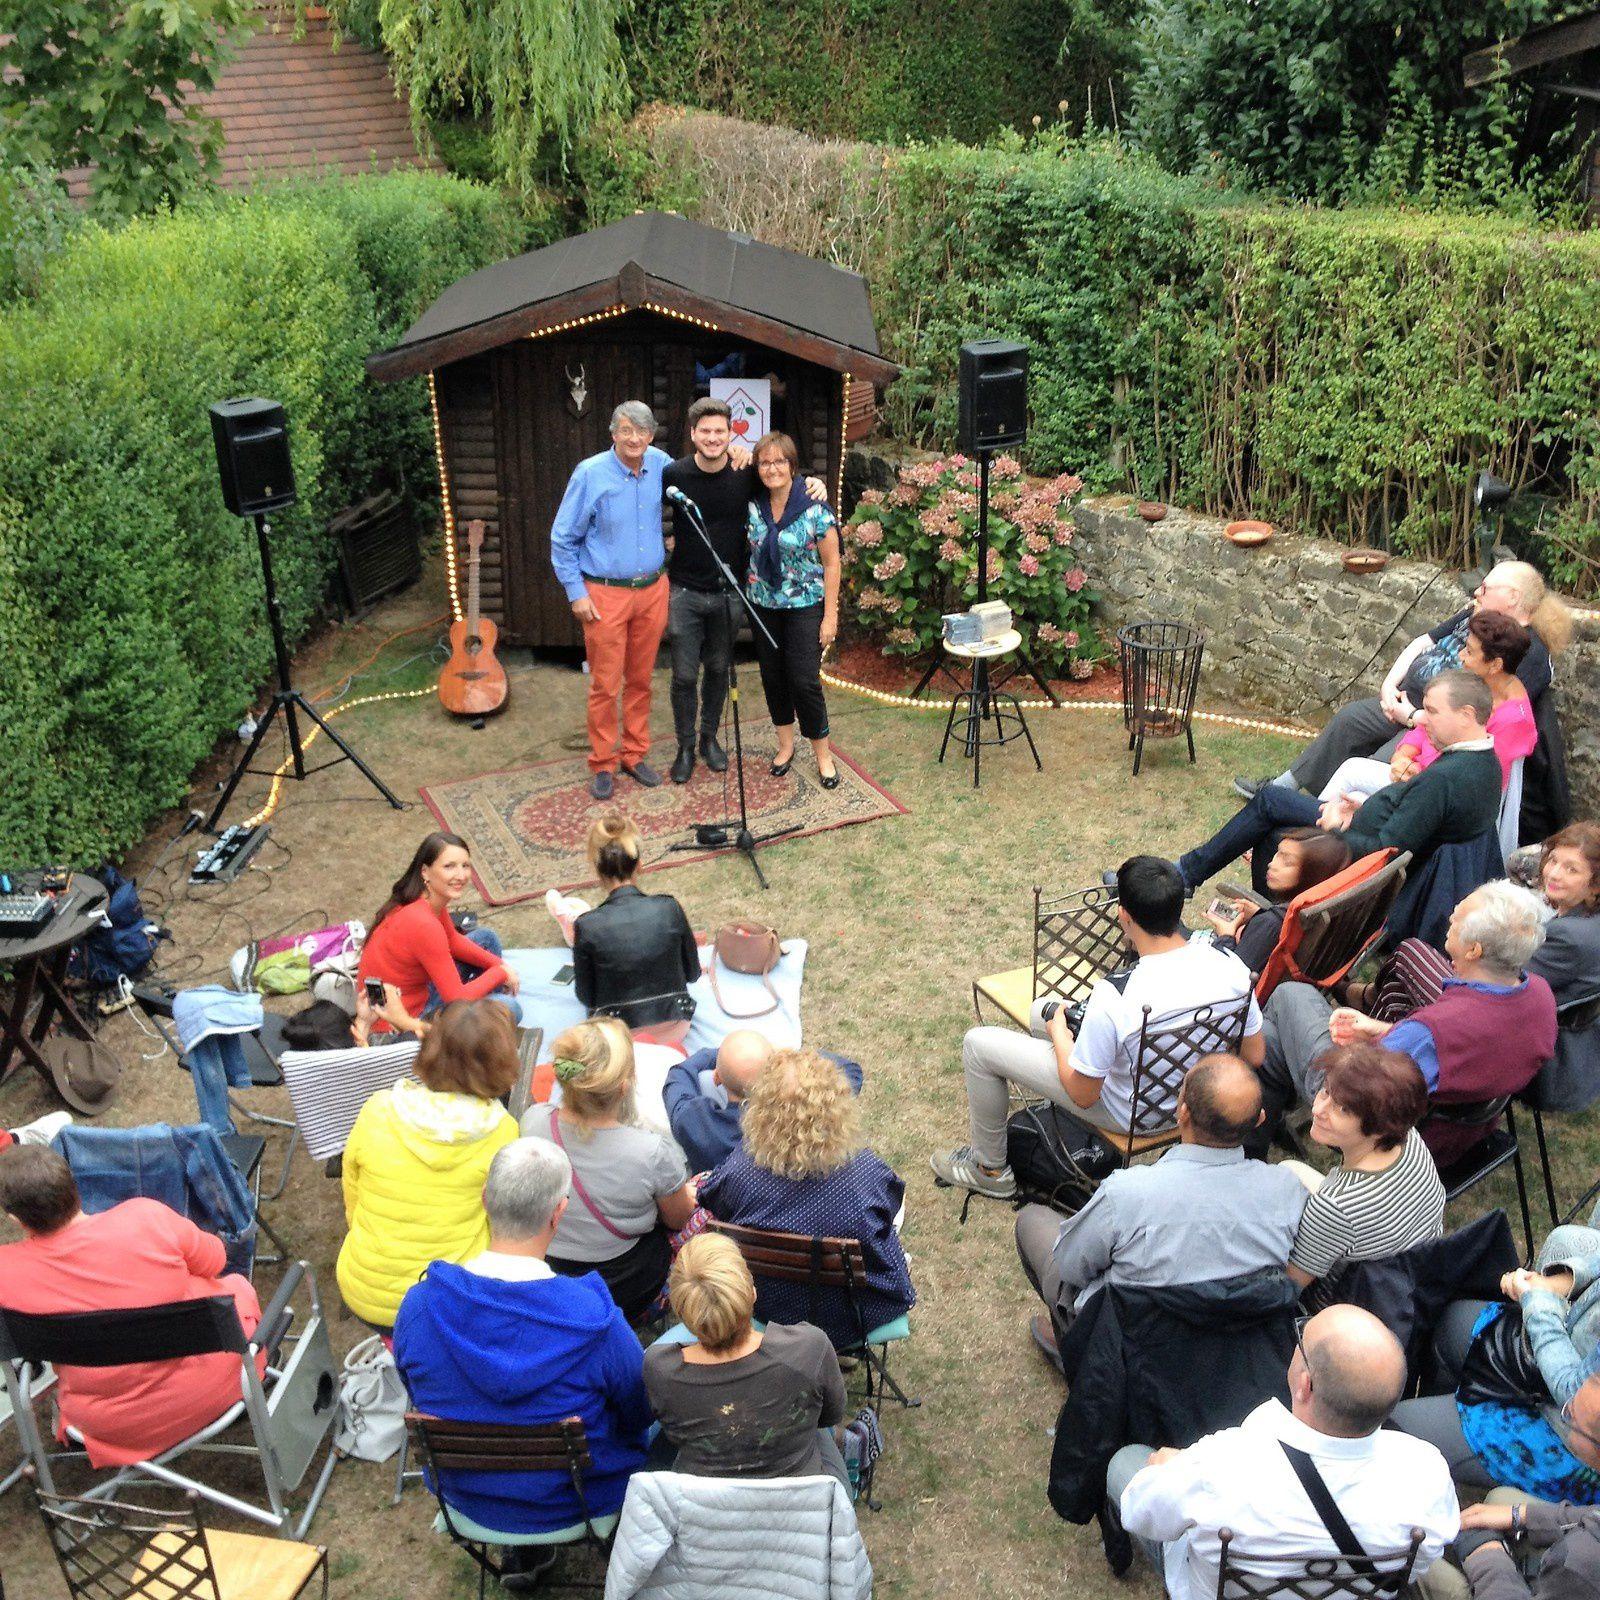 ▶ Photos - Concert au jardin avec Damien McFly (It) @ Woluwé-saint-Pierre (Home concert) - 14/08/2018